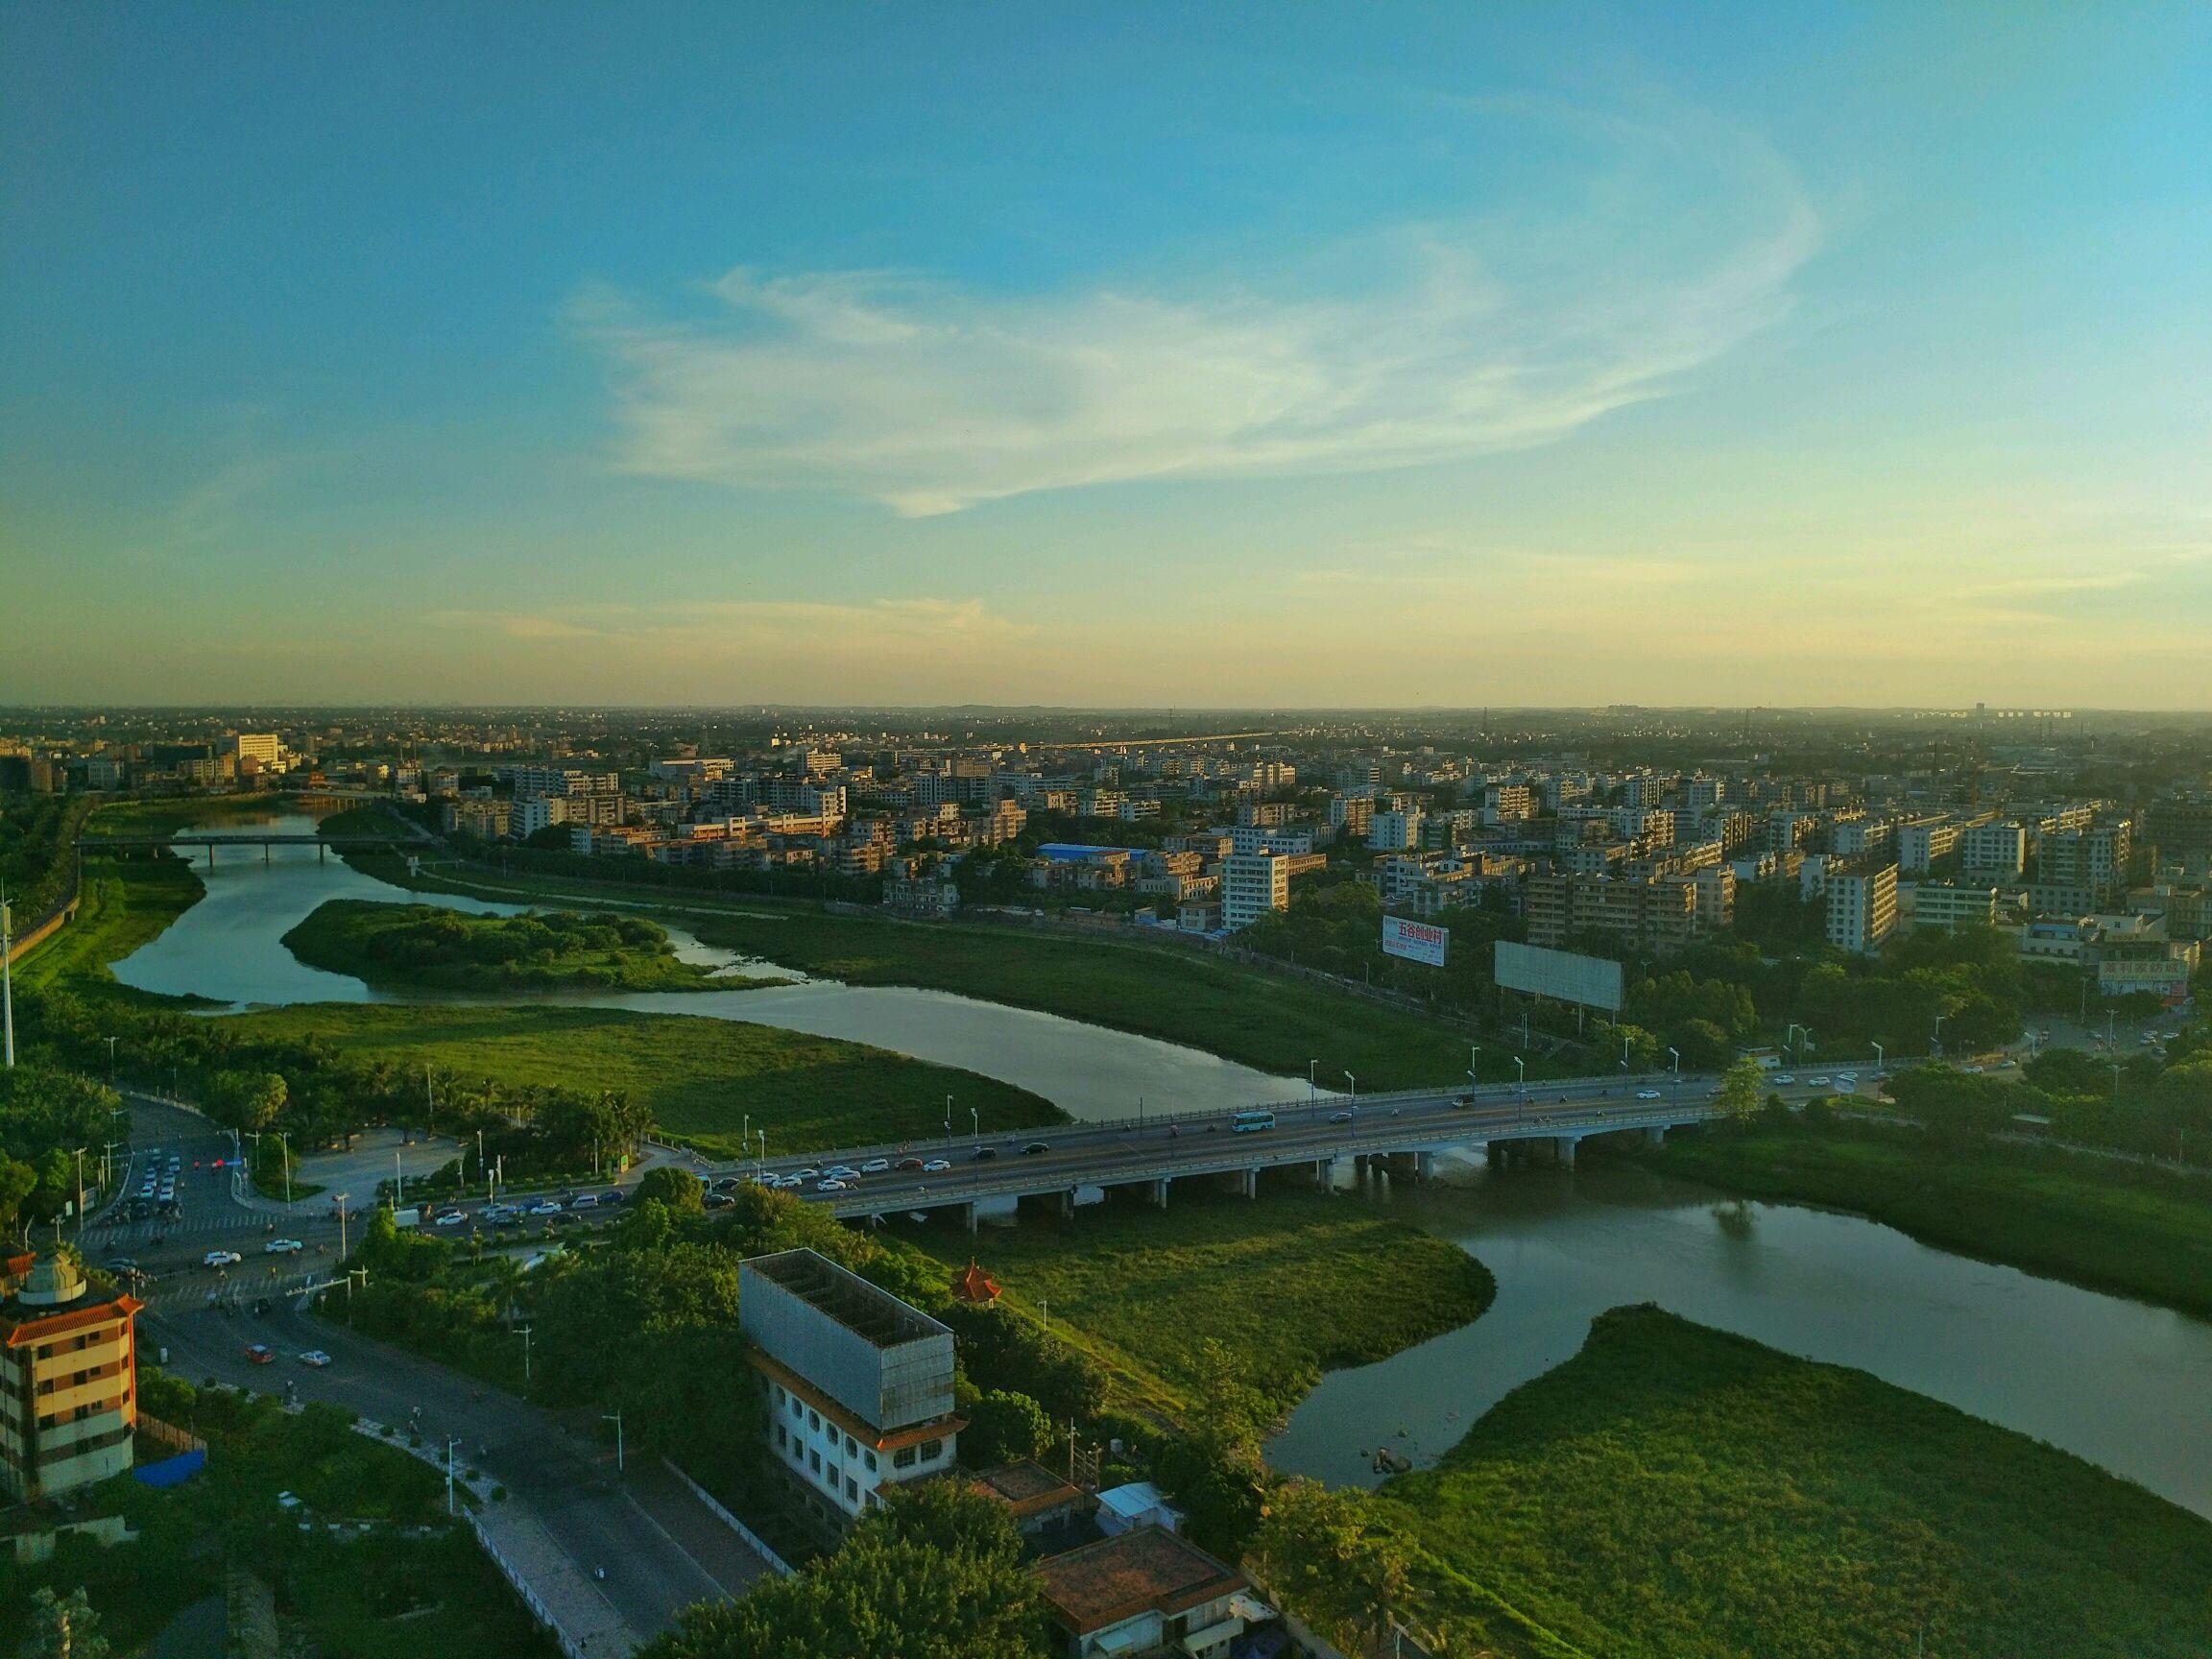 【摄影达人·x7plus】高空环拍城市